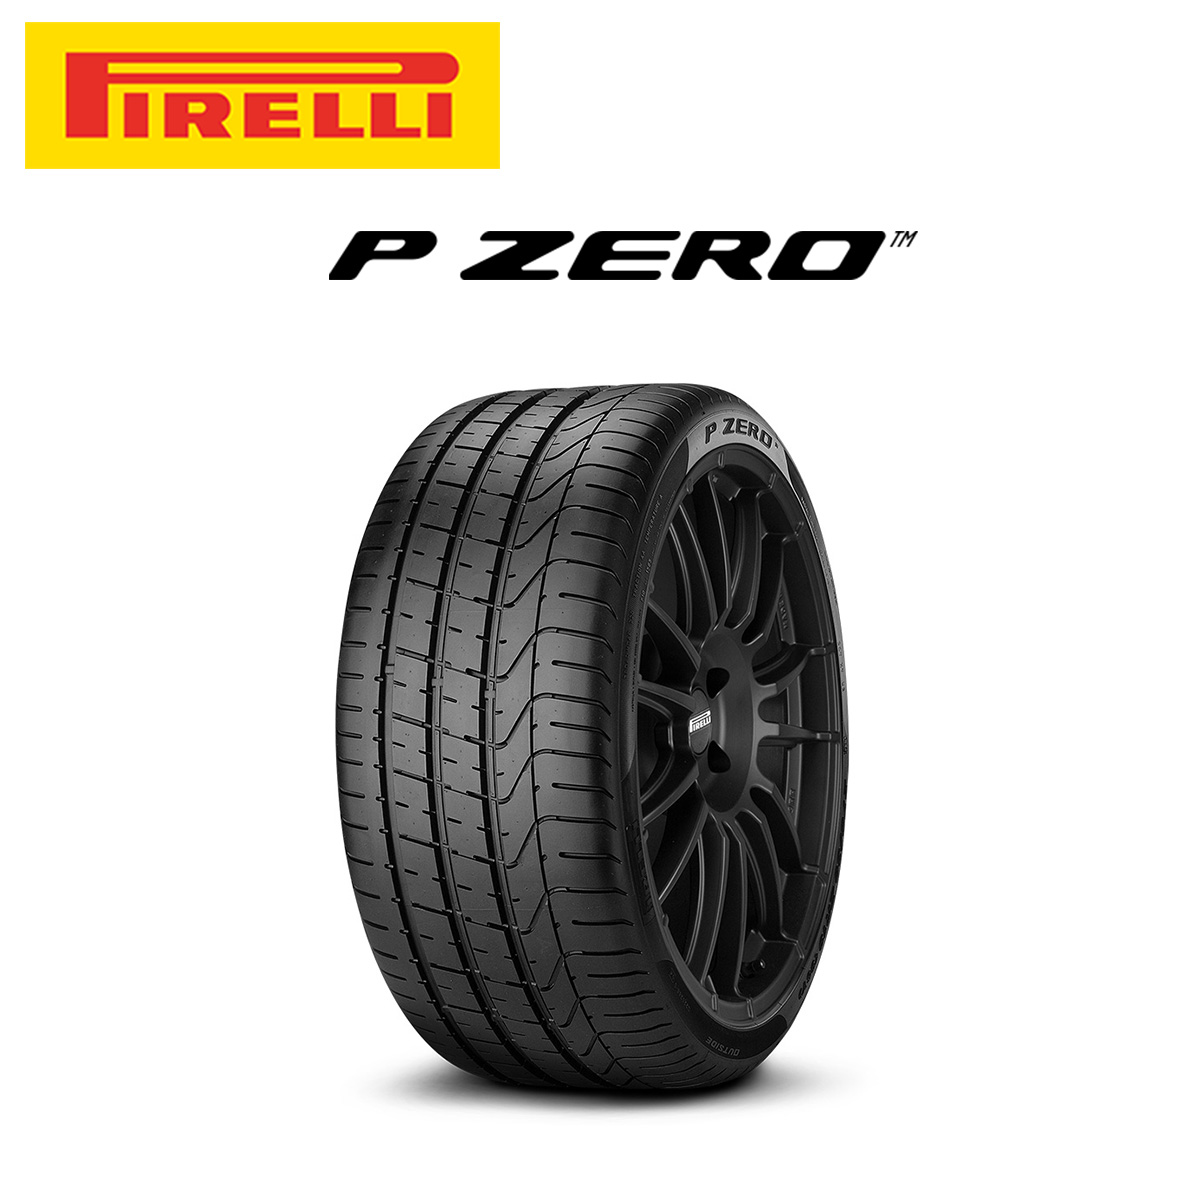 ピレリ PIRELLI P ZERO ピーゼロ 20インチ サマー タイヤ 4本 セット 255/35R20 97Y XL AO:アウディ承認タイヤ 1997100